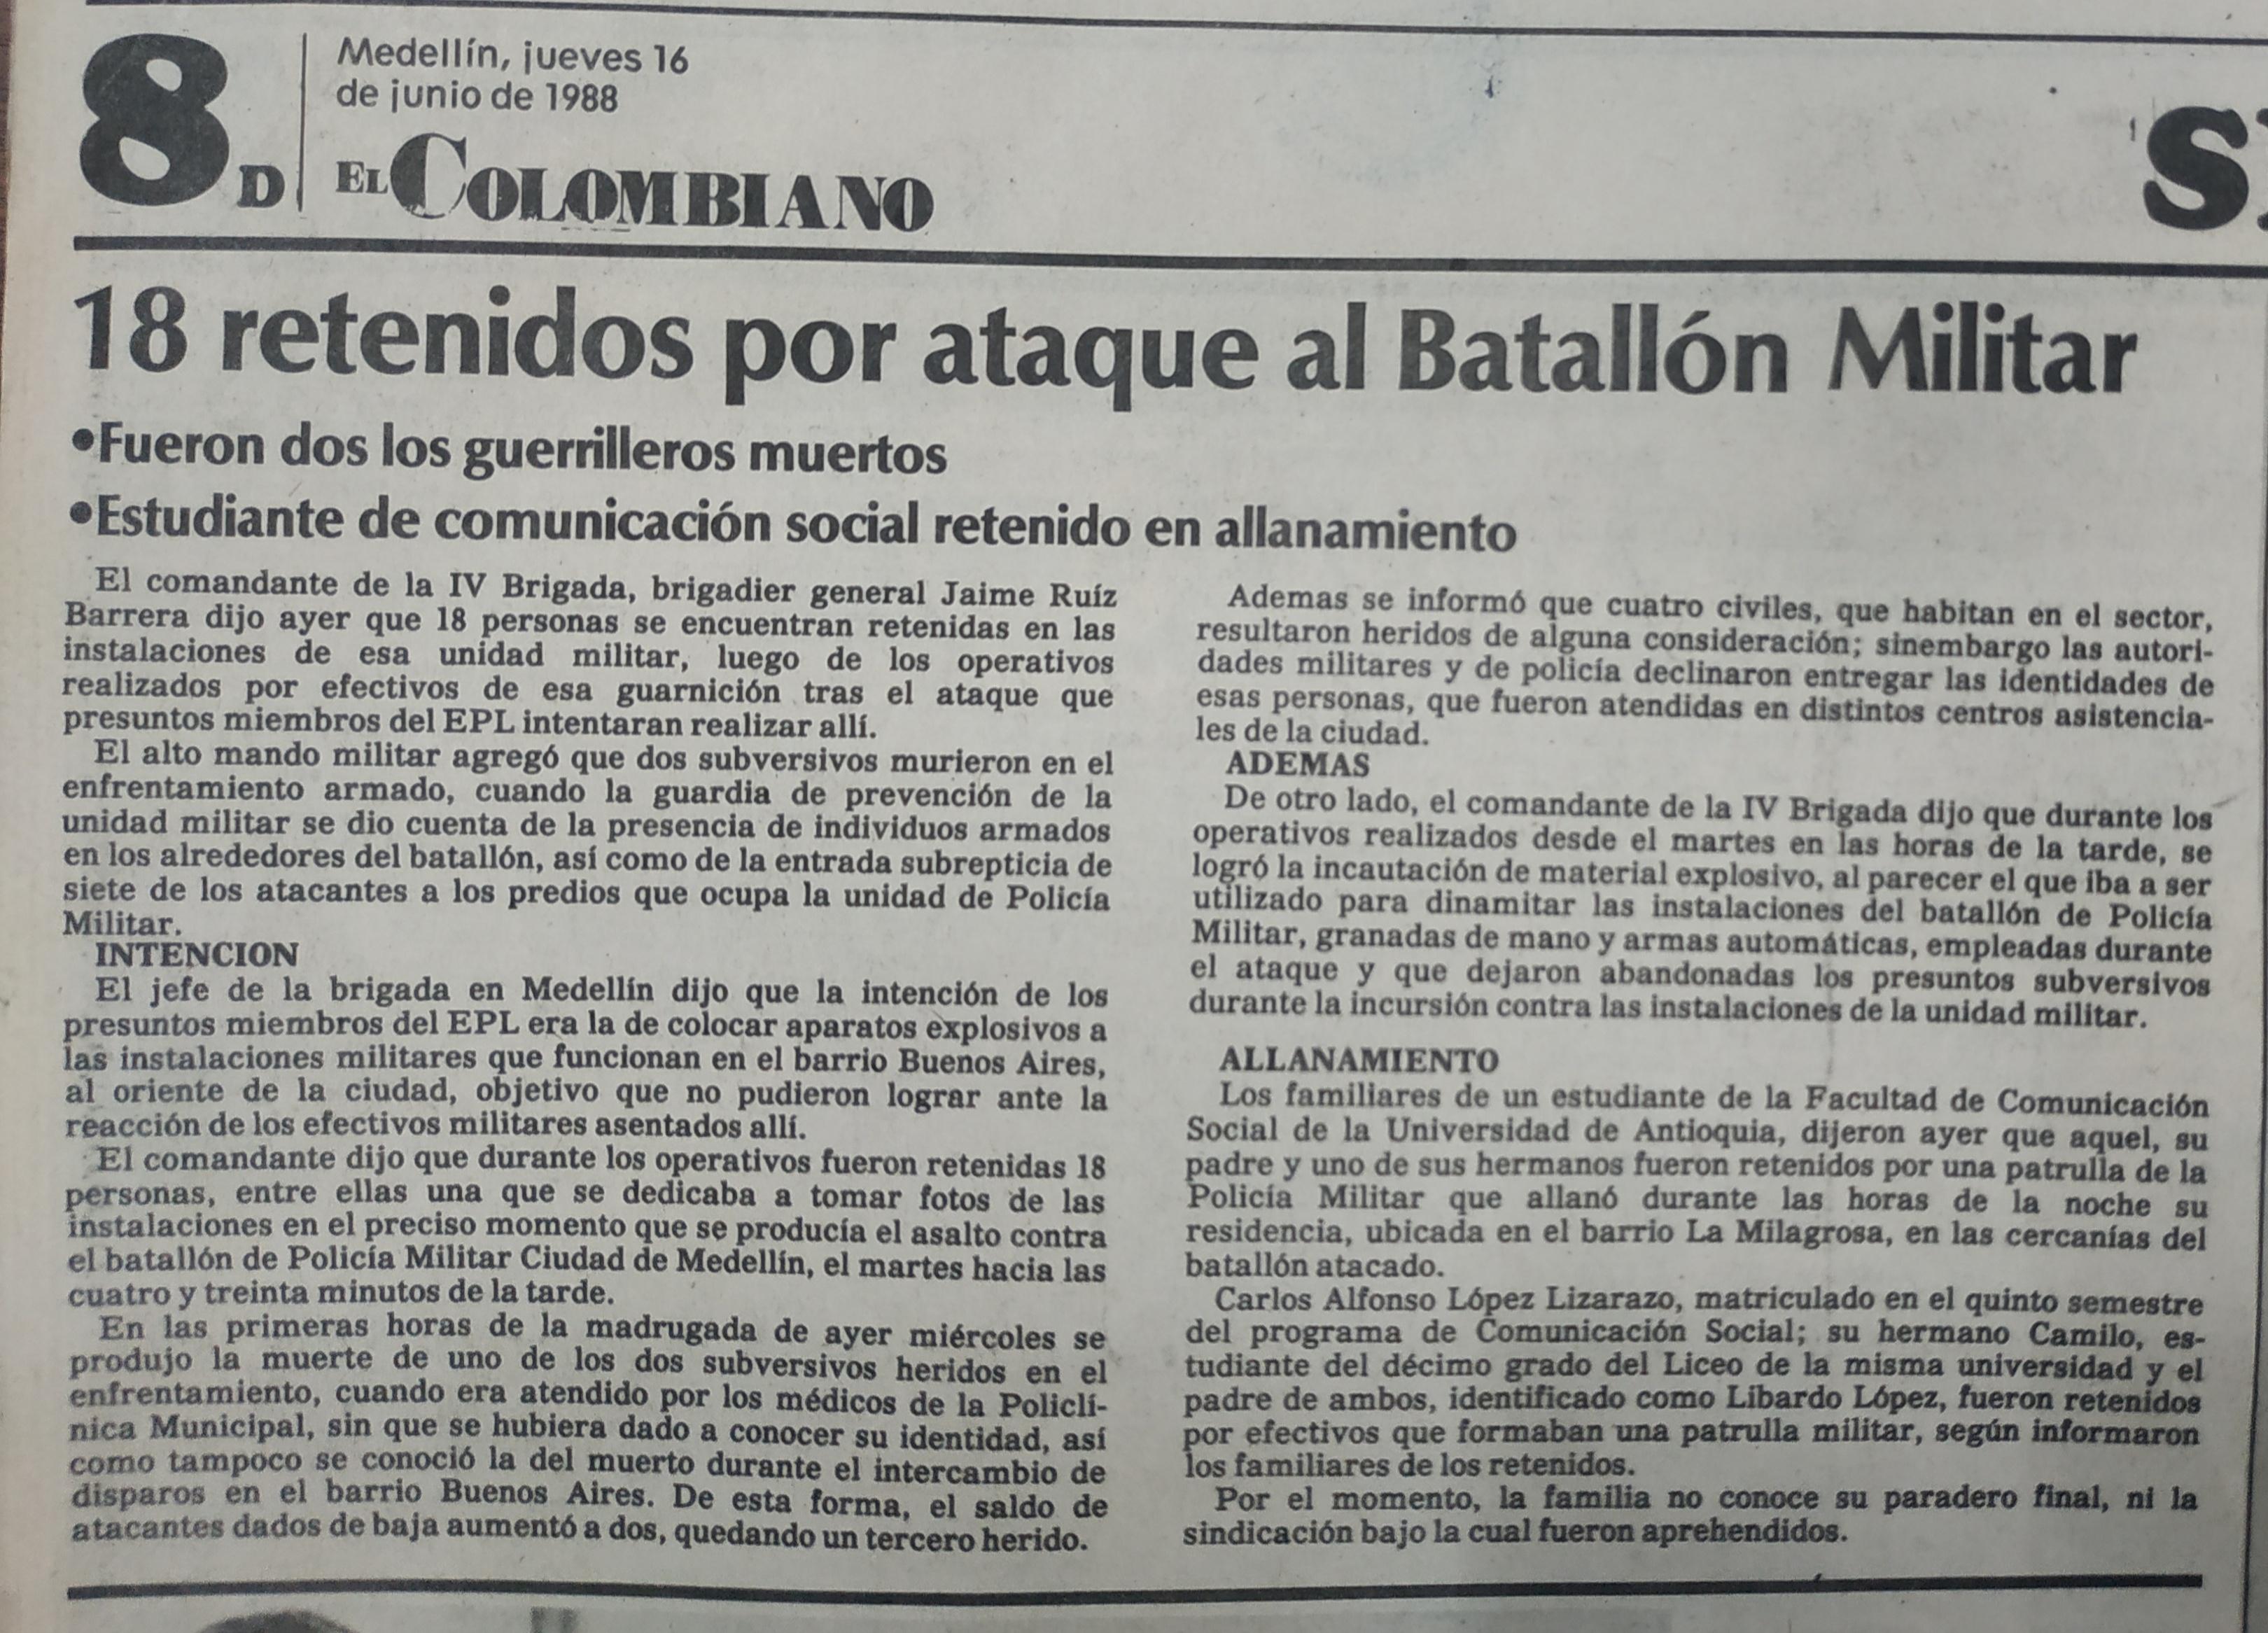 Fotografía tomada de la edición del 16 de junio de 1988 del periódico El Colombiano